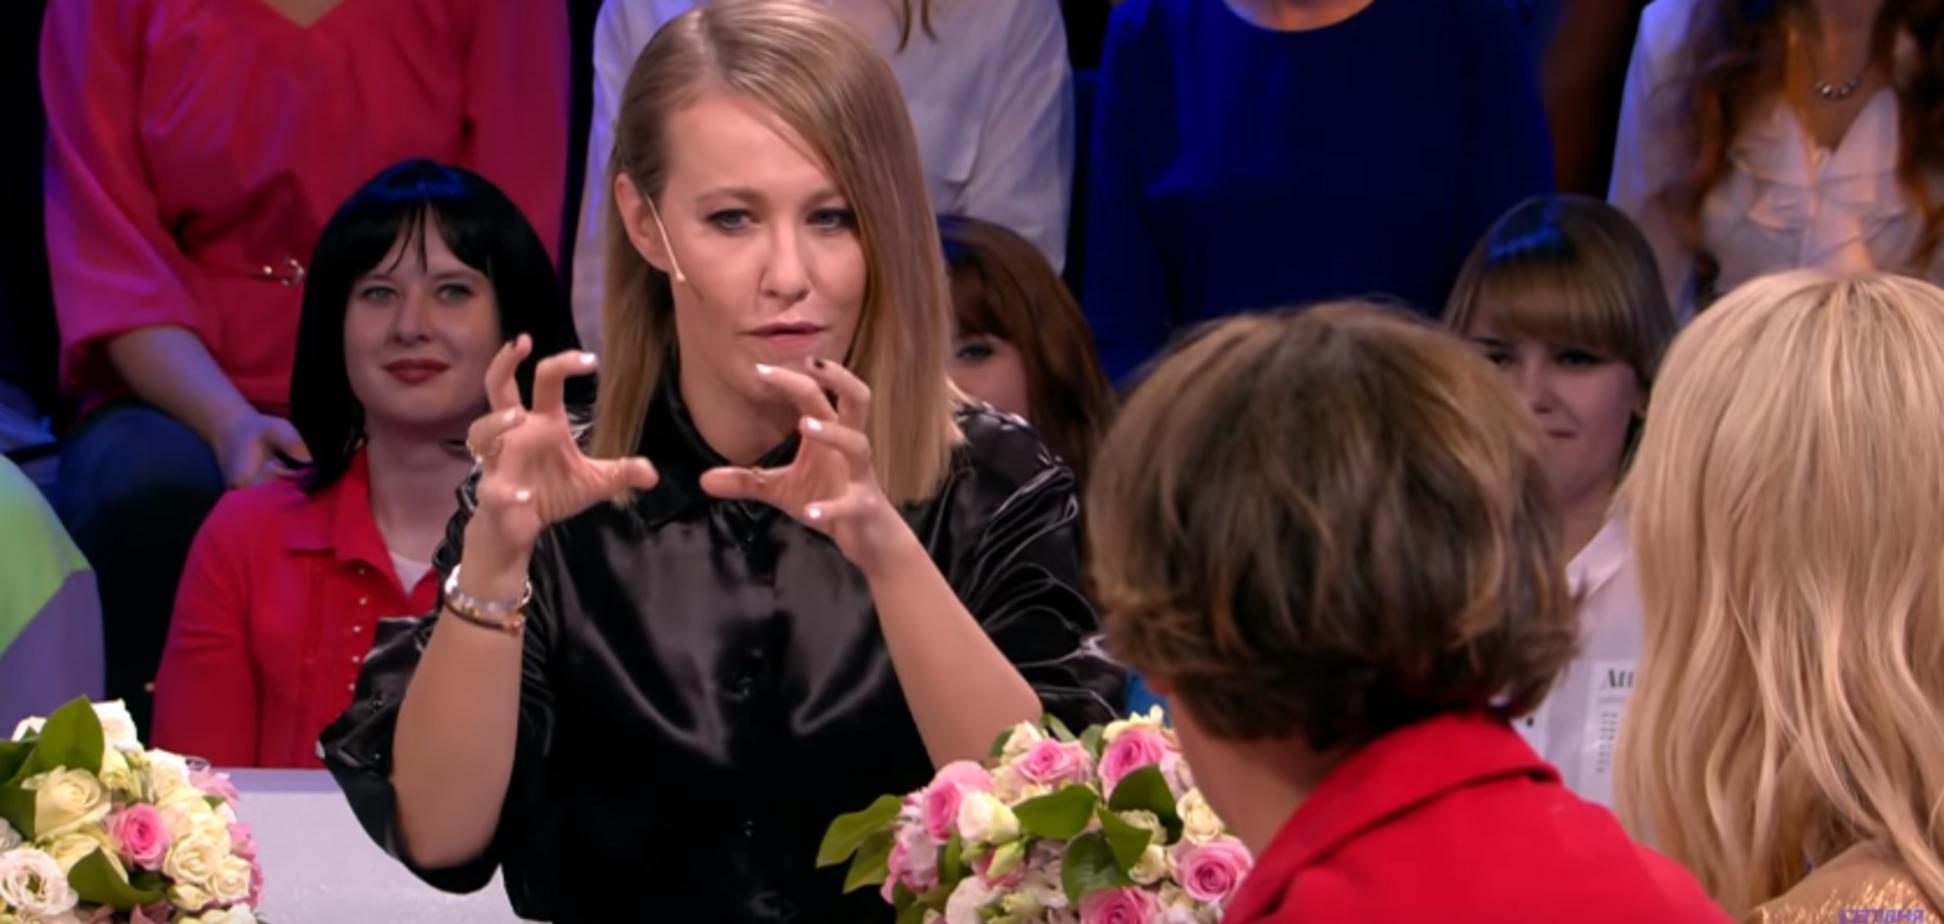 'Занимается ж**окрутством': Собчак выругалась на росТВ из-за Галкина